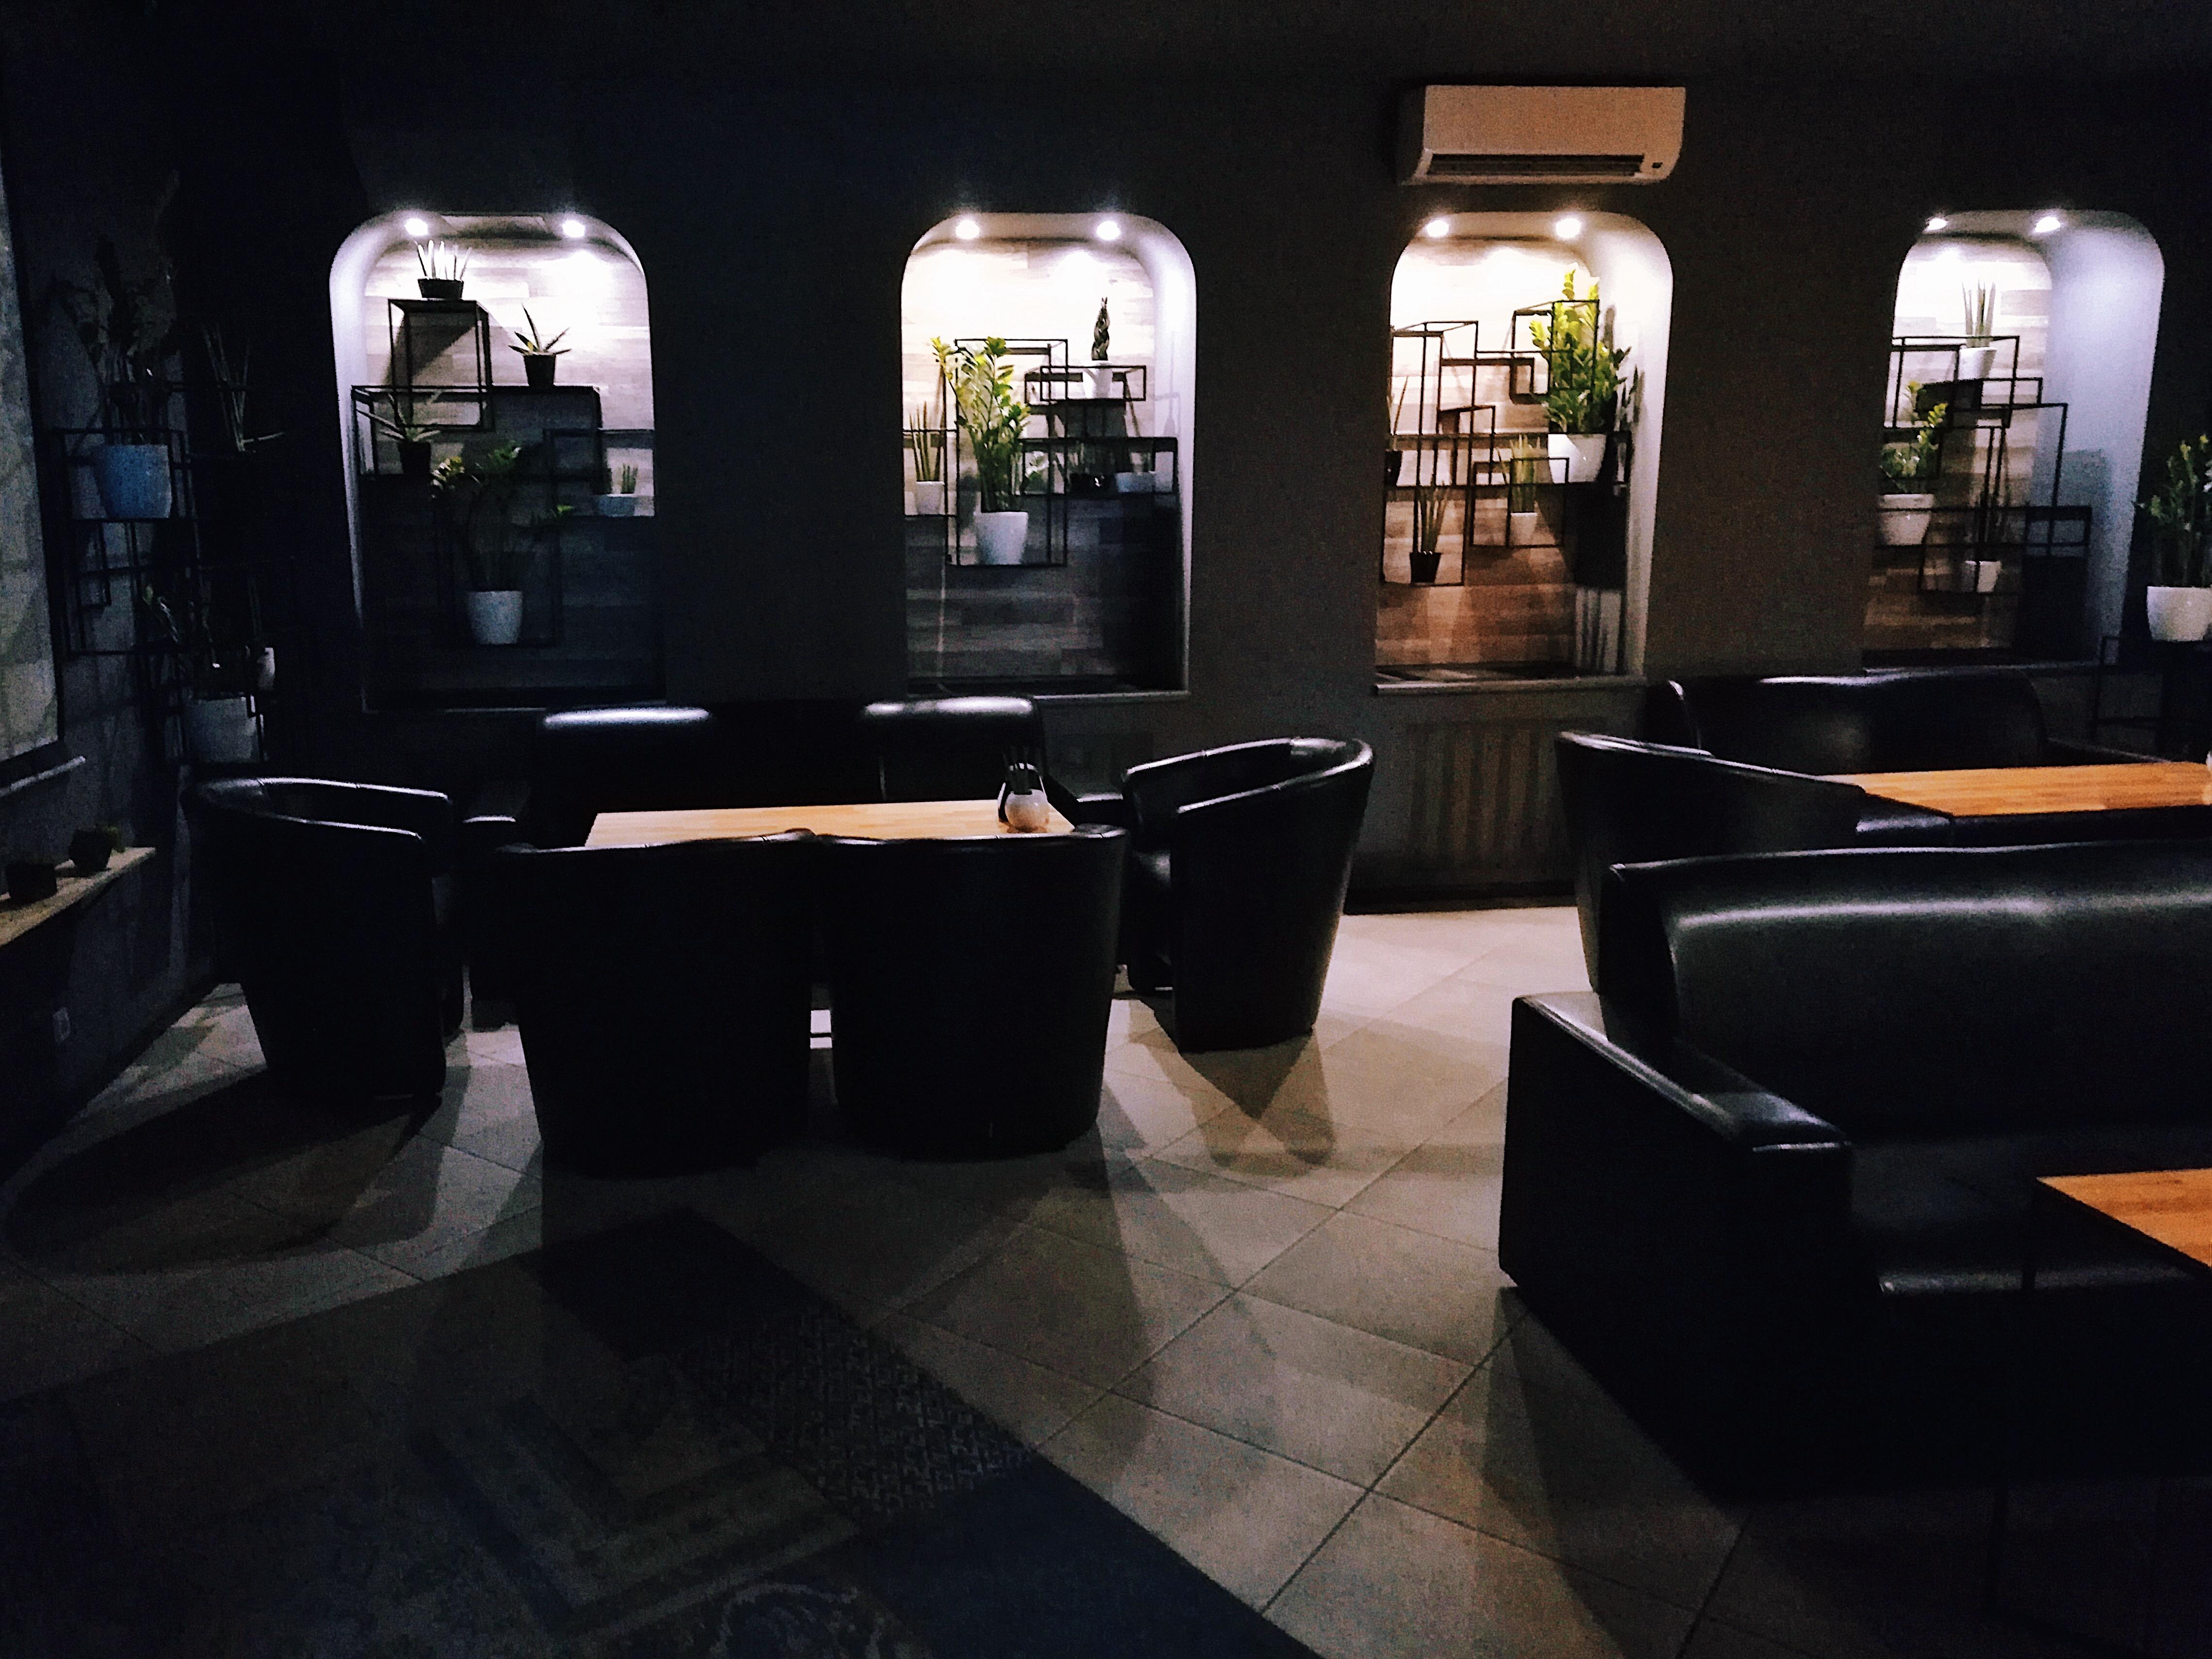 Интерьер Джаст Хука на Рымарской: мягкий свет, кожаные стулья и диваны